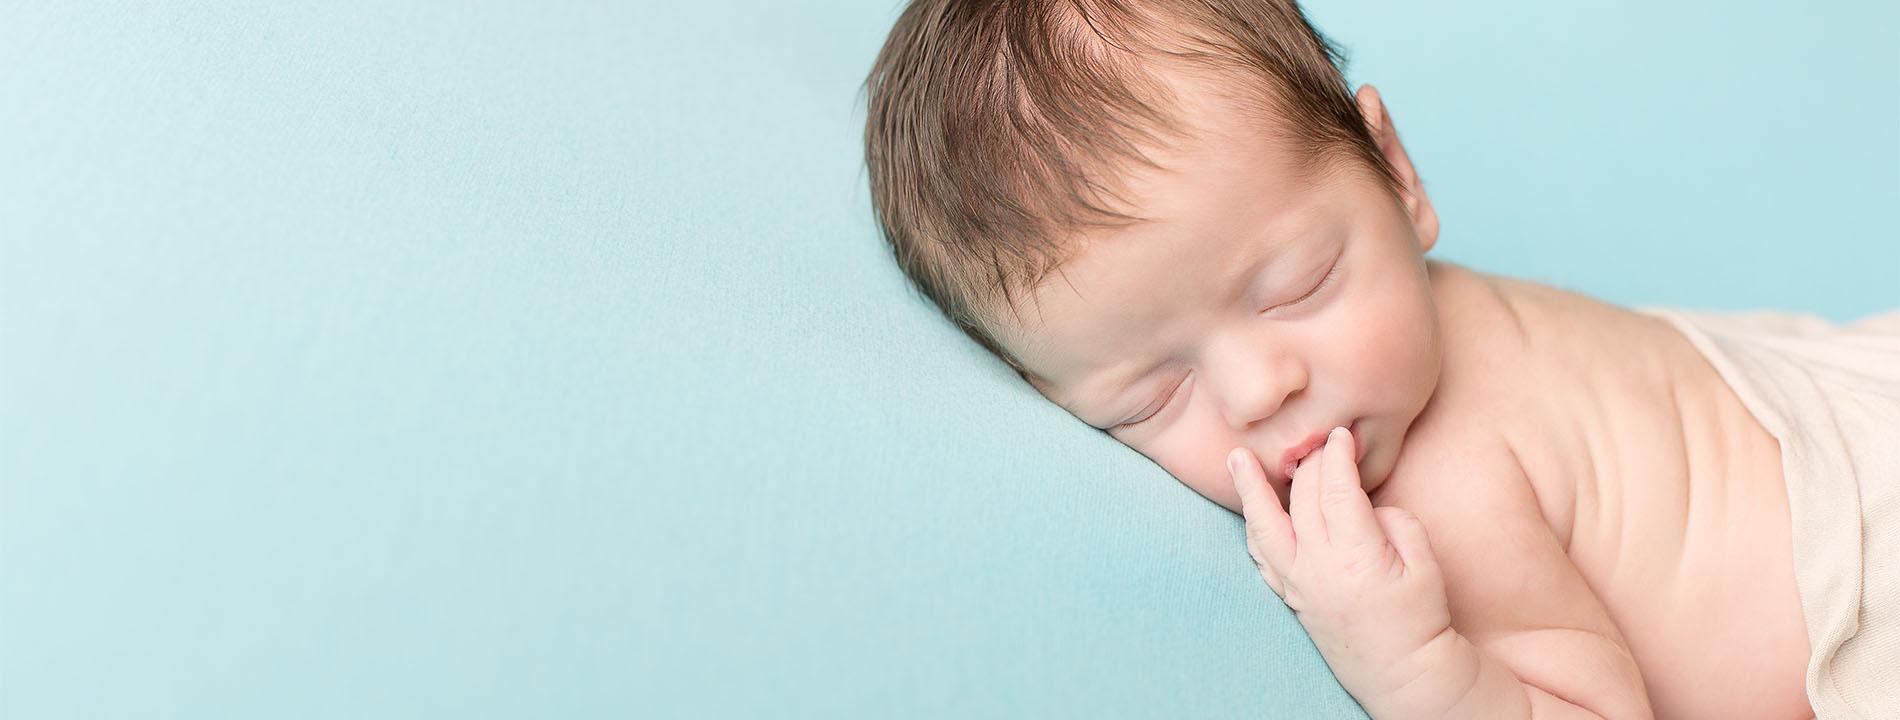 photo de catégorie Photographe de nouveau-né  à Saint-Lô de Ludovic Souillat